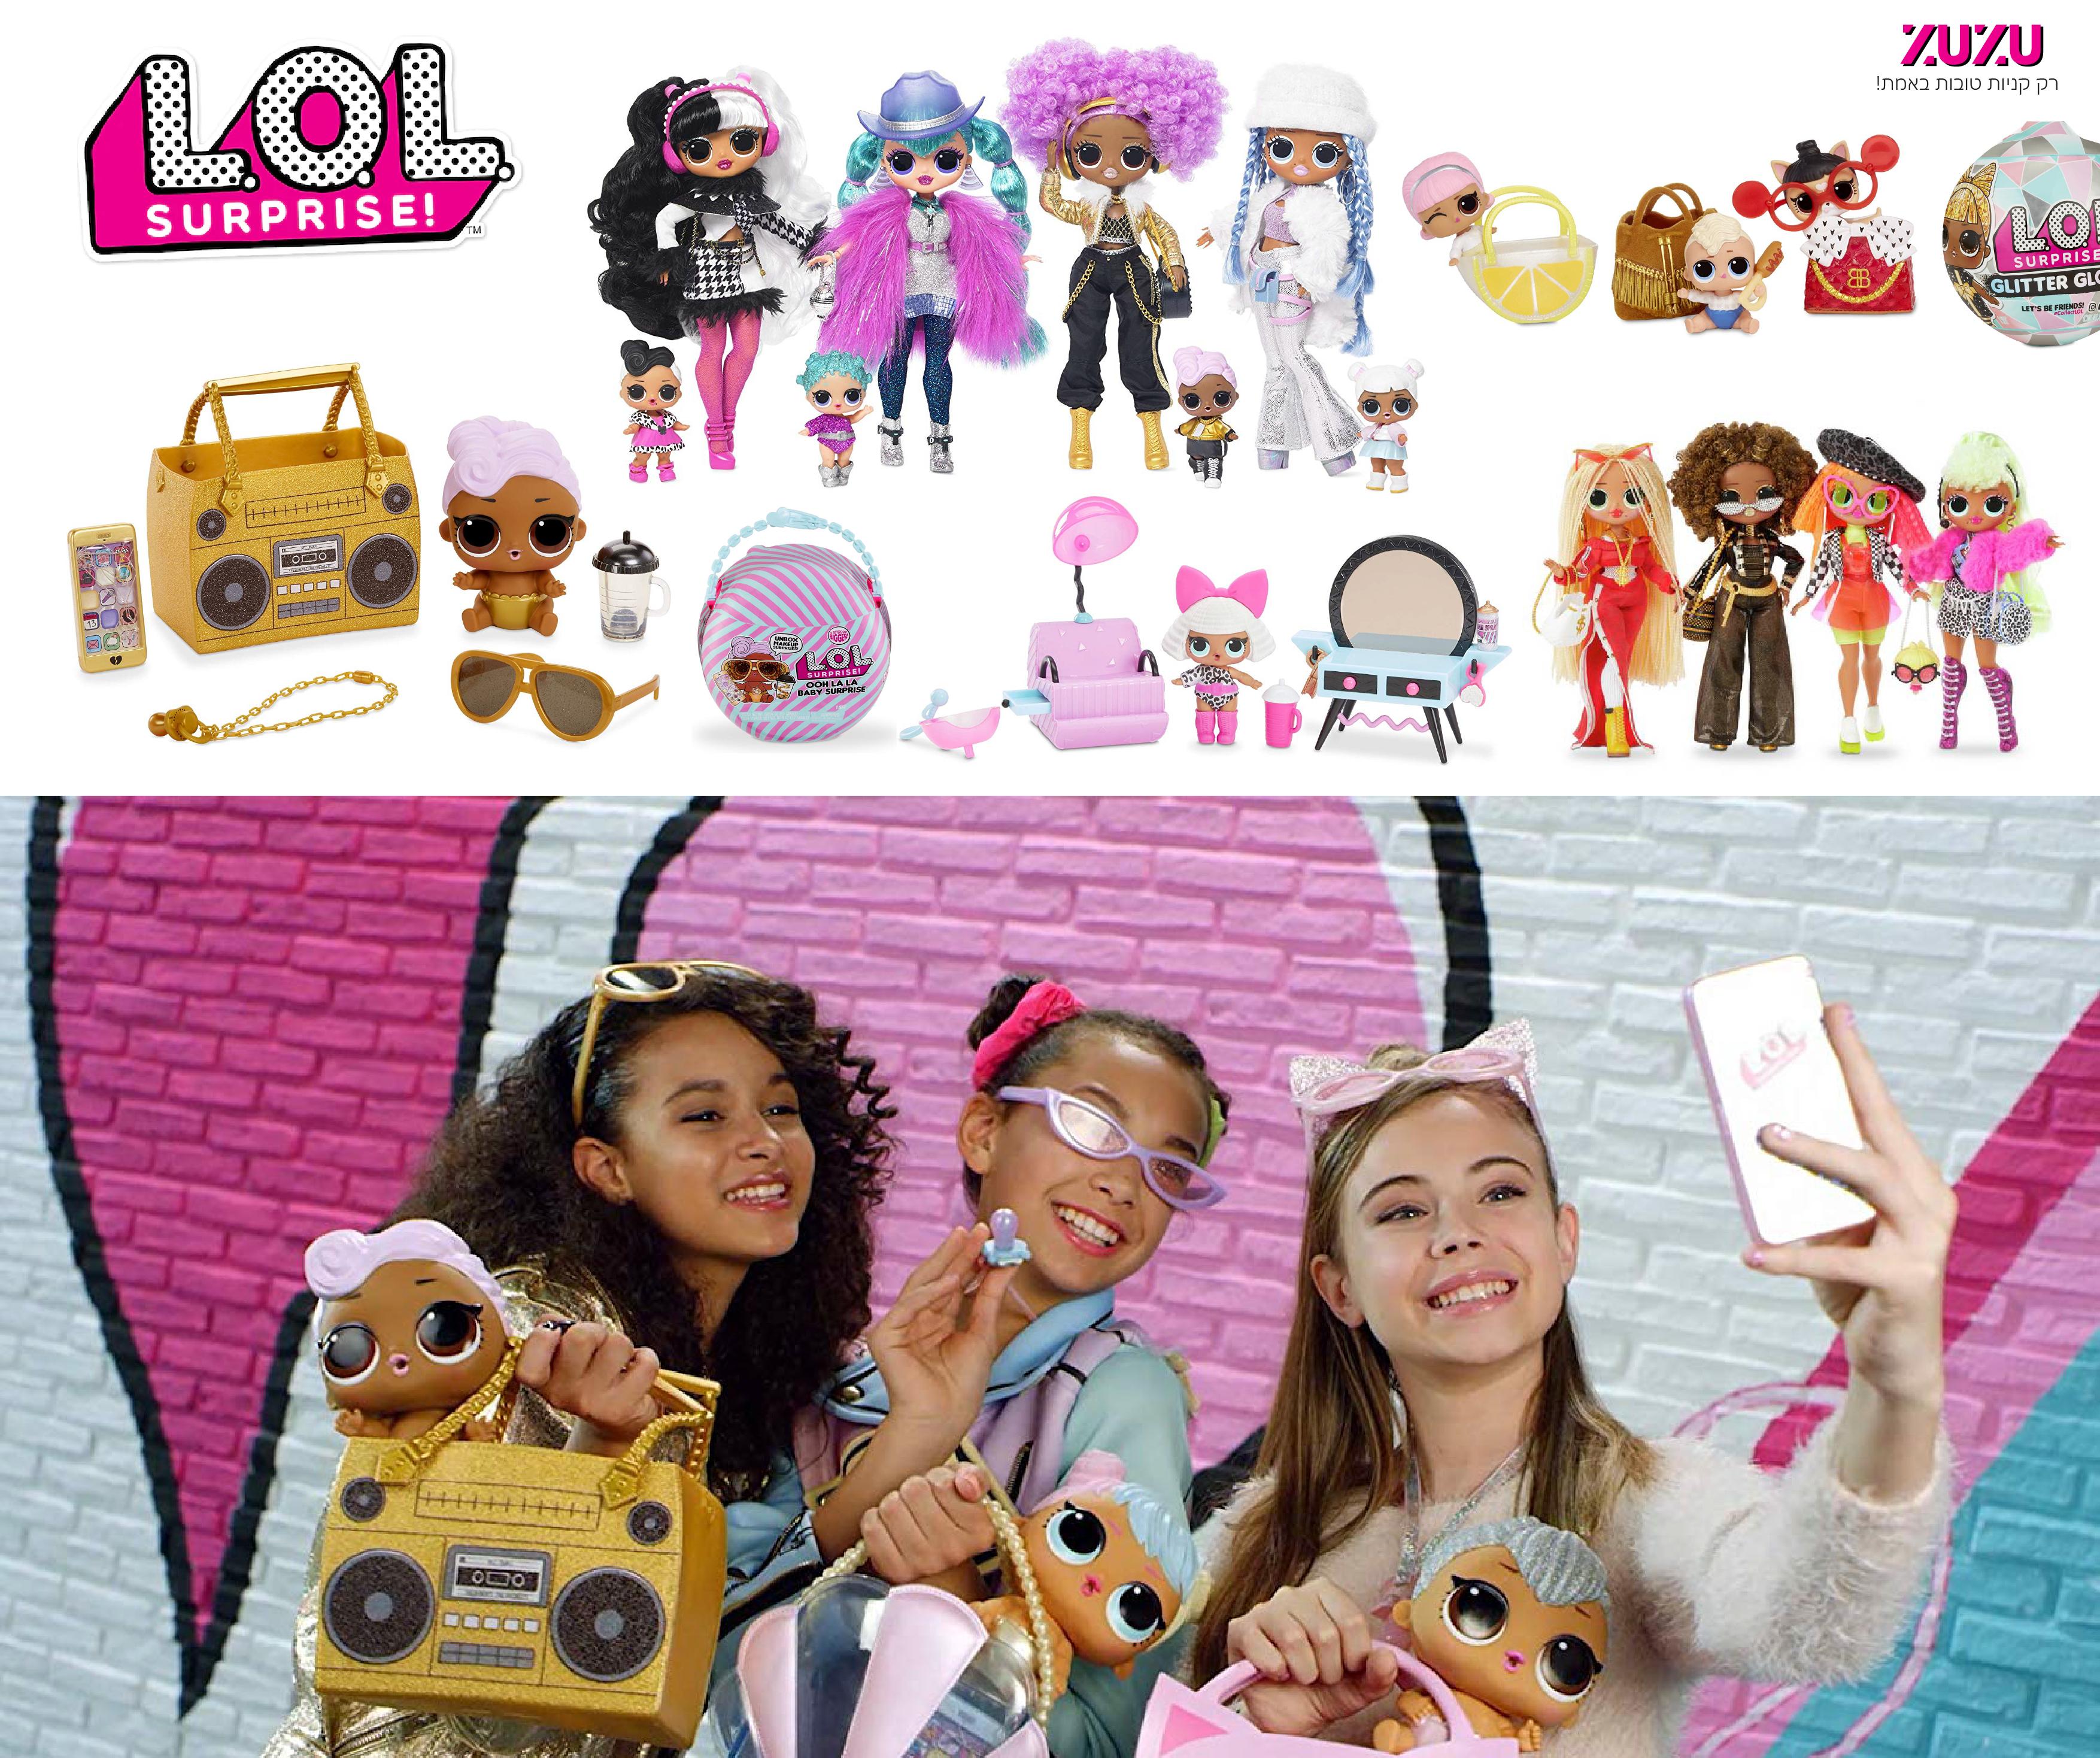 לקט ענק ומיוחד! L.O.L. Surprise! בובות ומארזי אל.או.אל בחצי מחיר מהארץ ומשלוח חינם עד הבית!